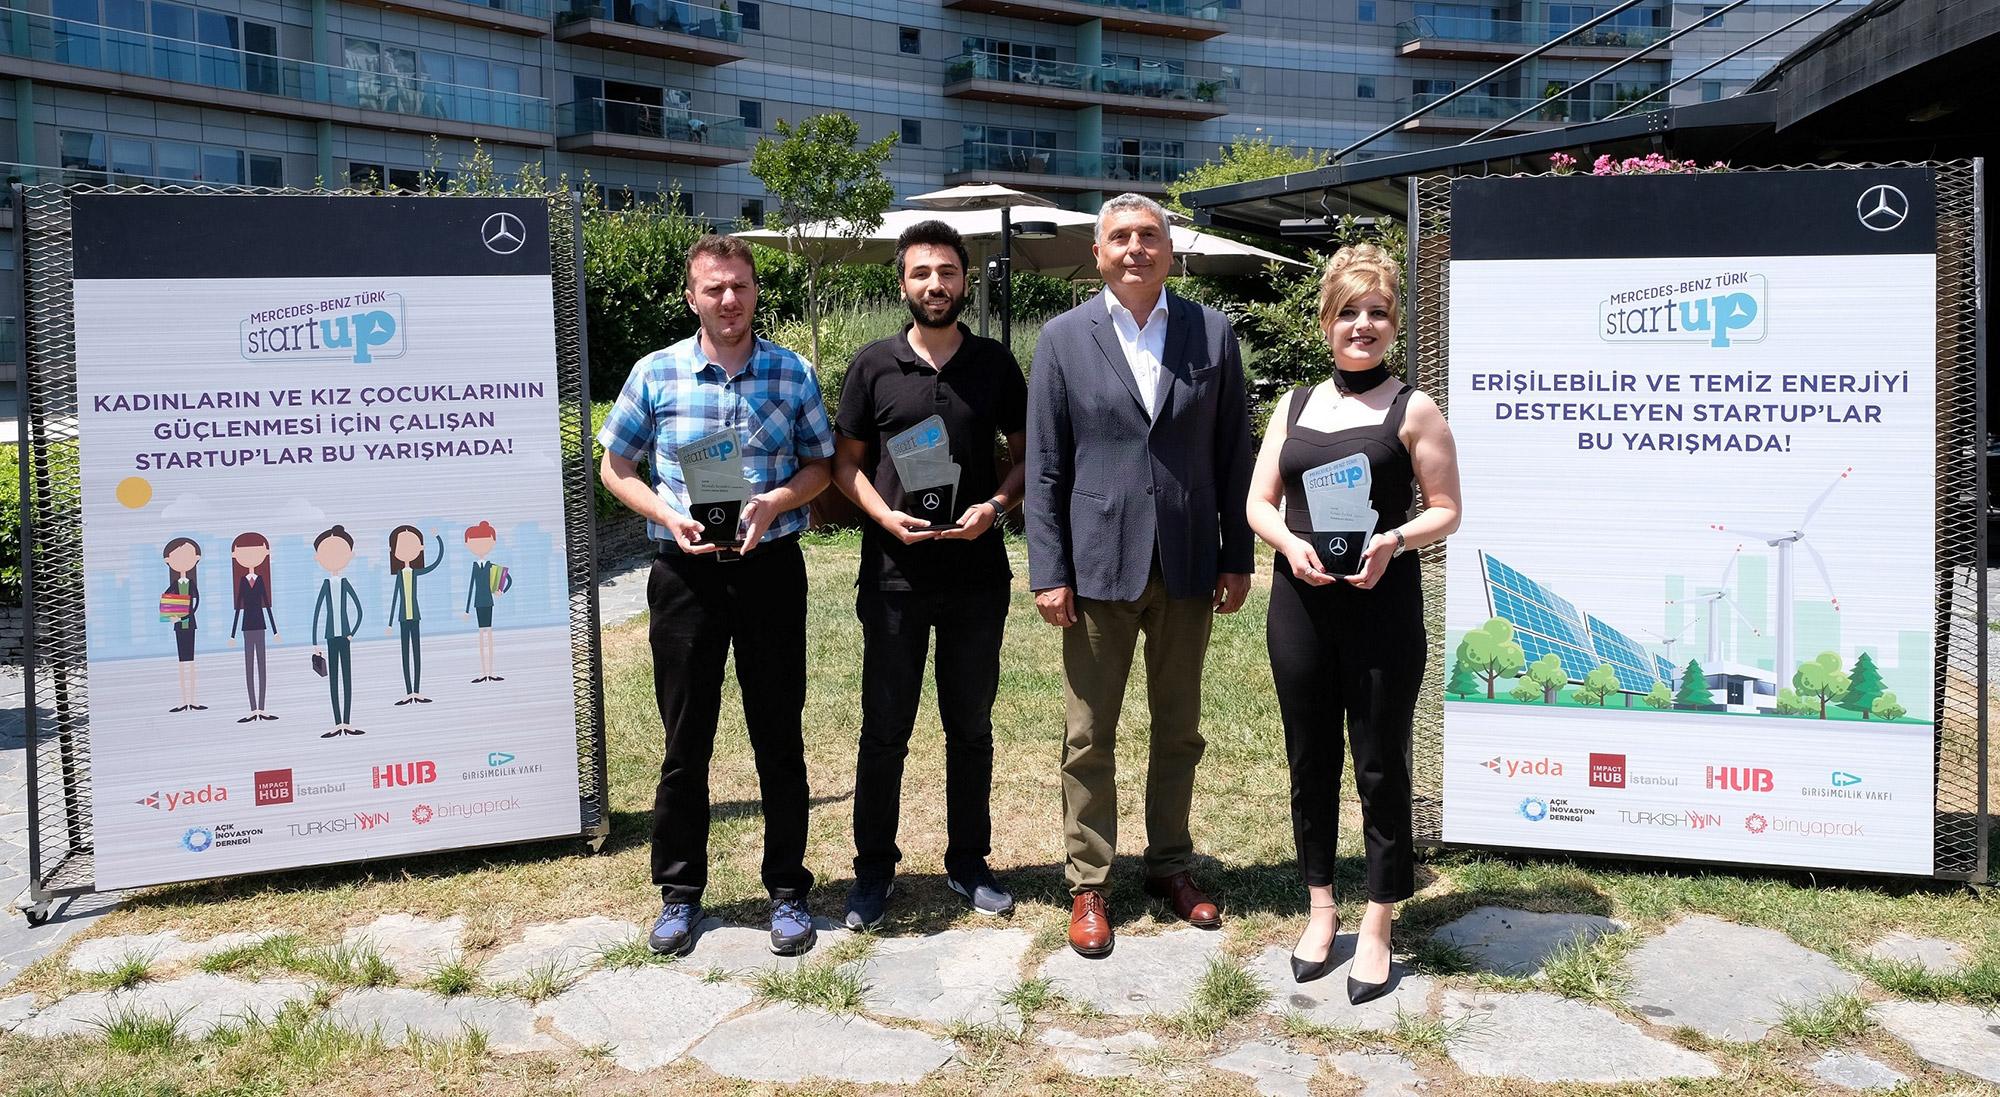 mercedes-benz-turk-startup-2019-ilk-3.jpg